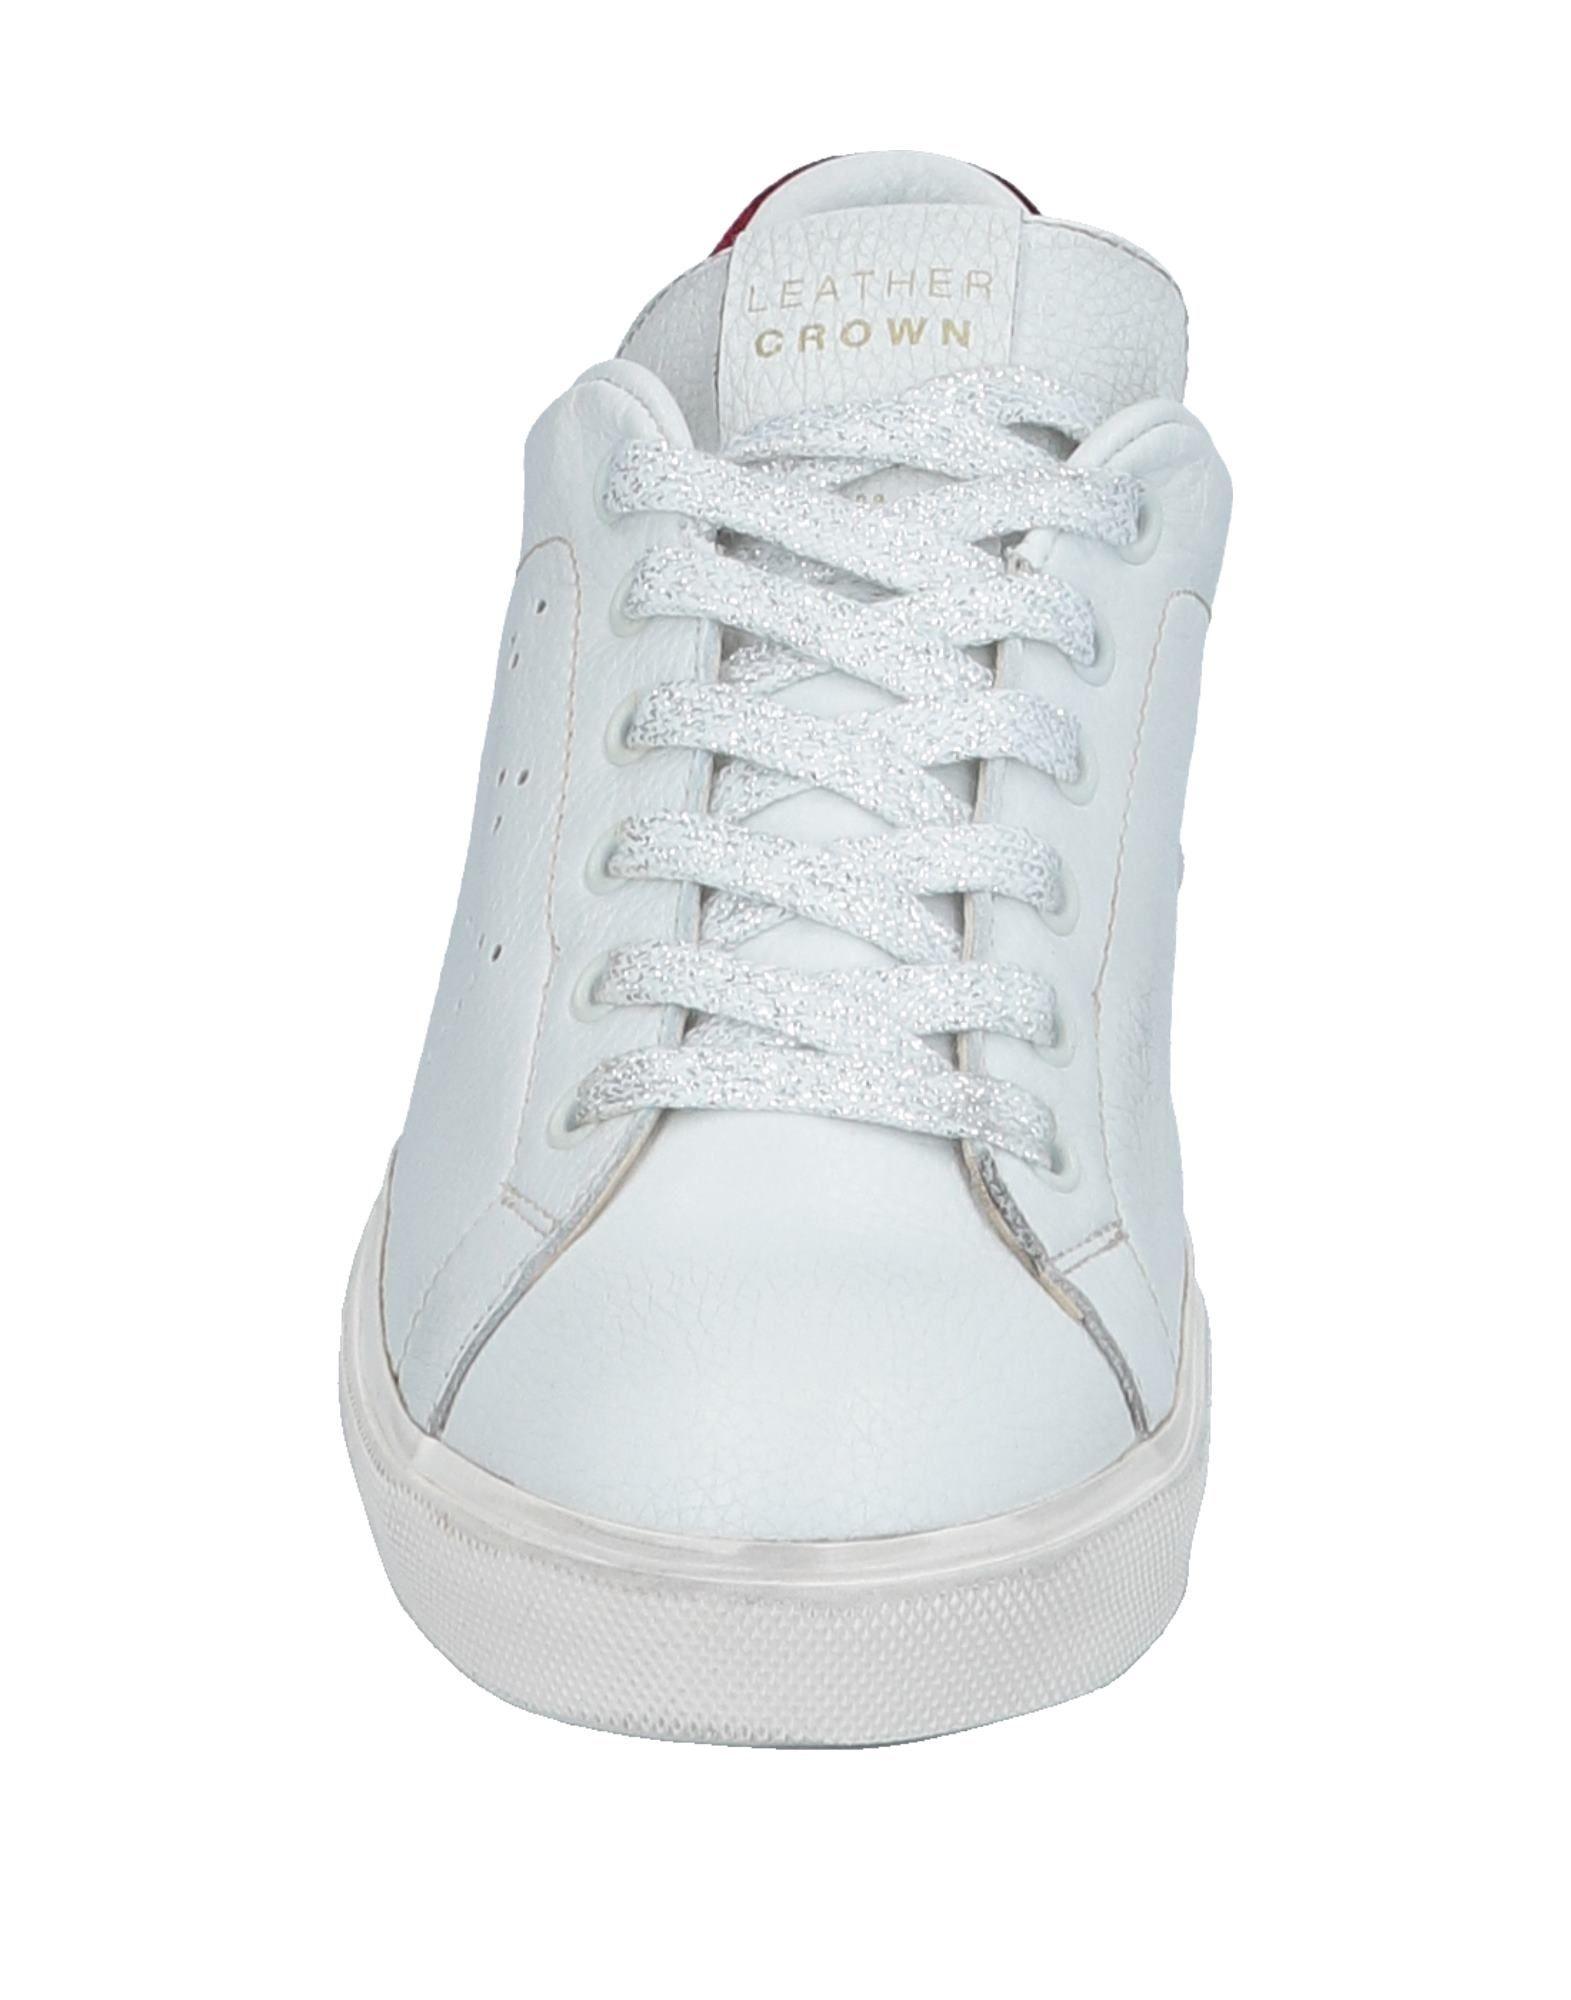 Stilvolle billige Damen Schuhe Leather Crown Sneakers Damen billige  11531853MS 51ab51